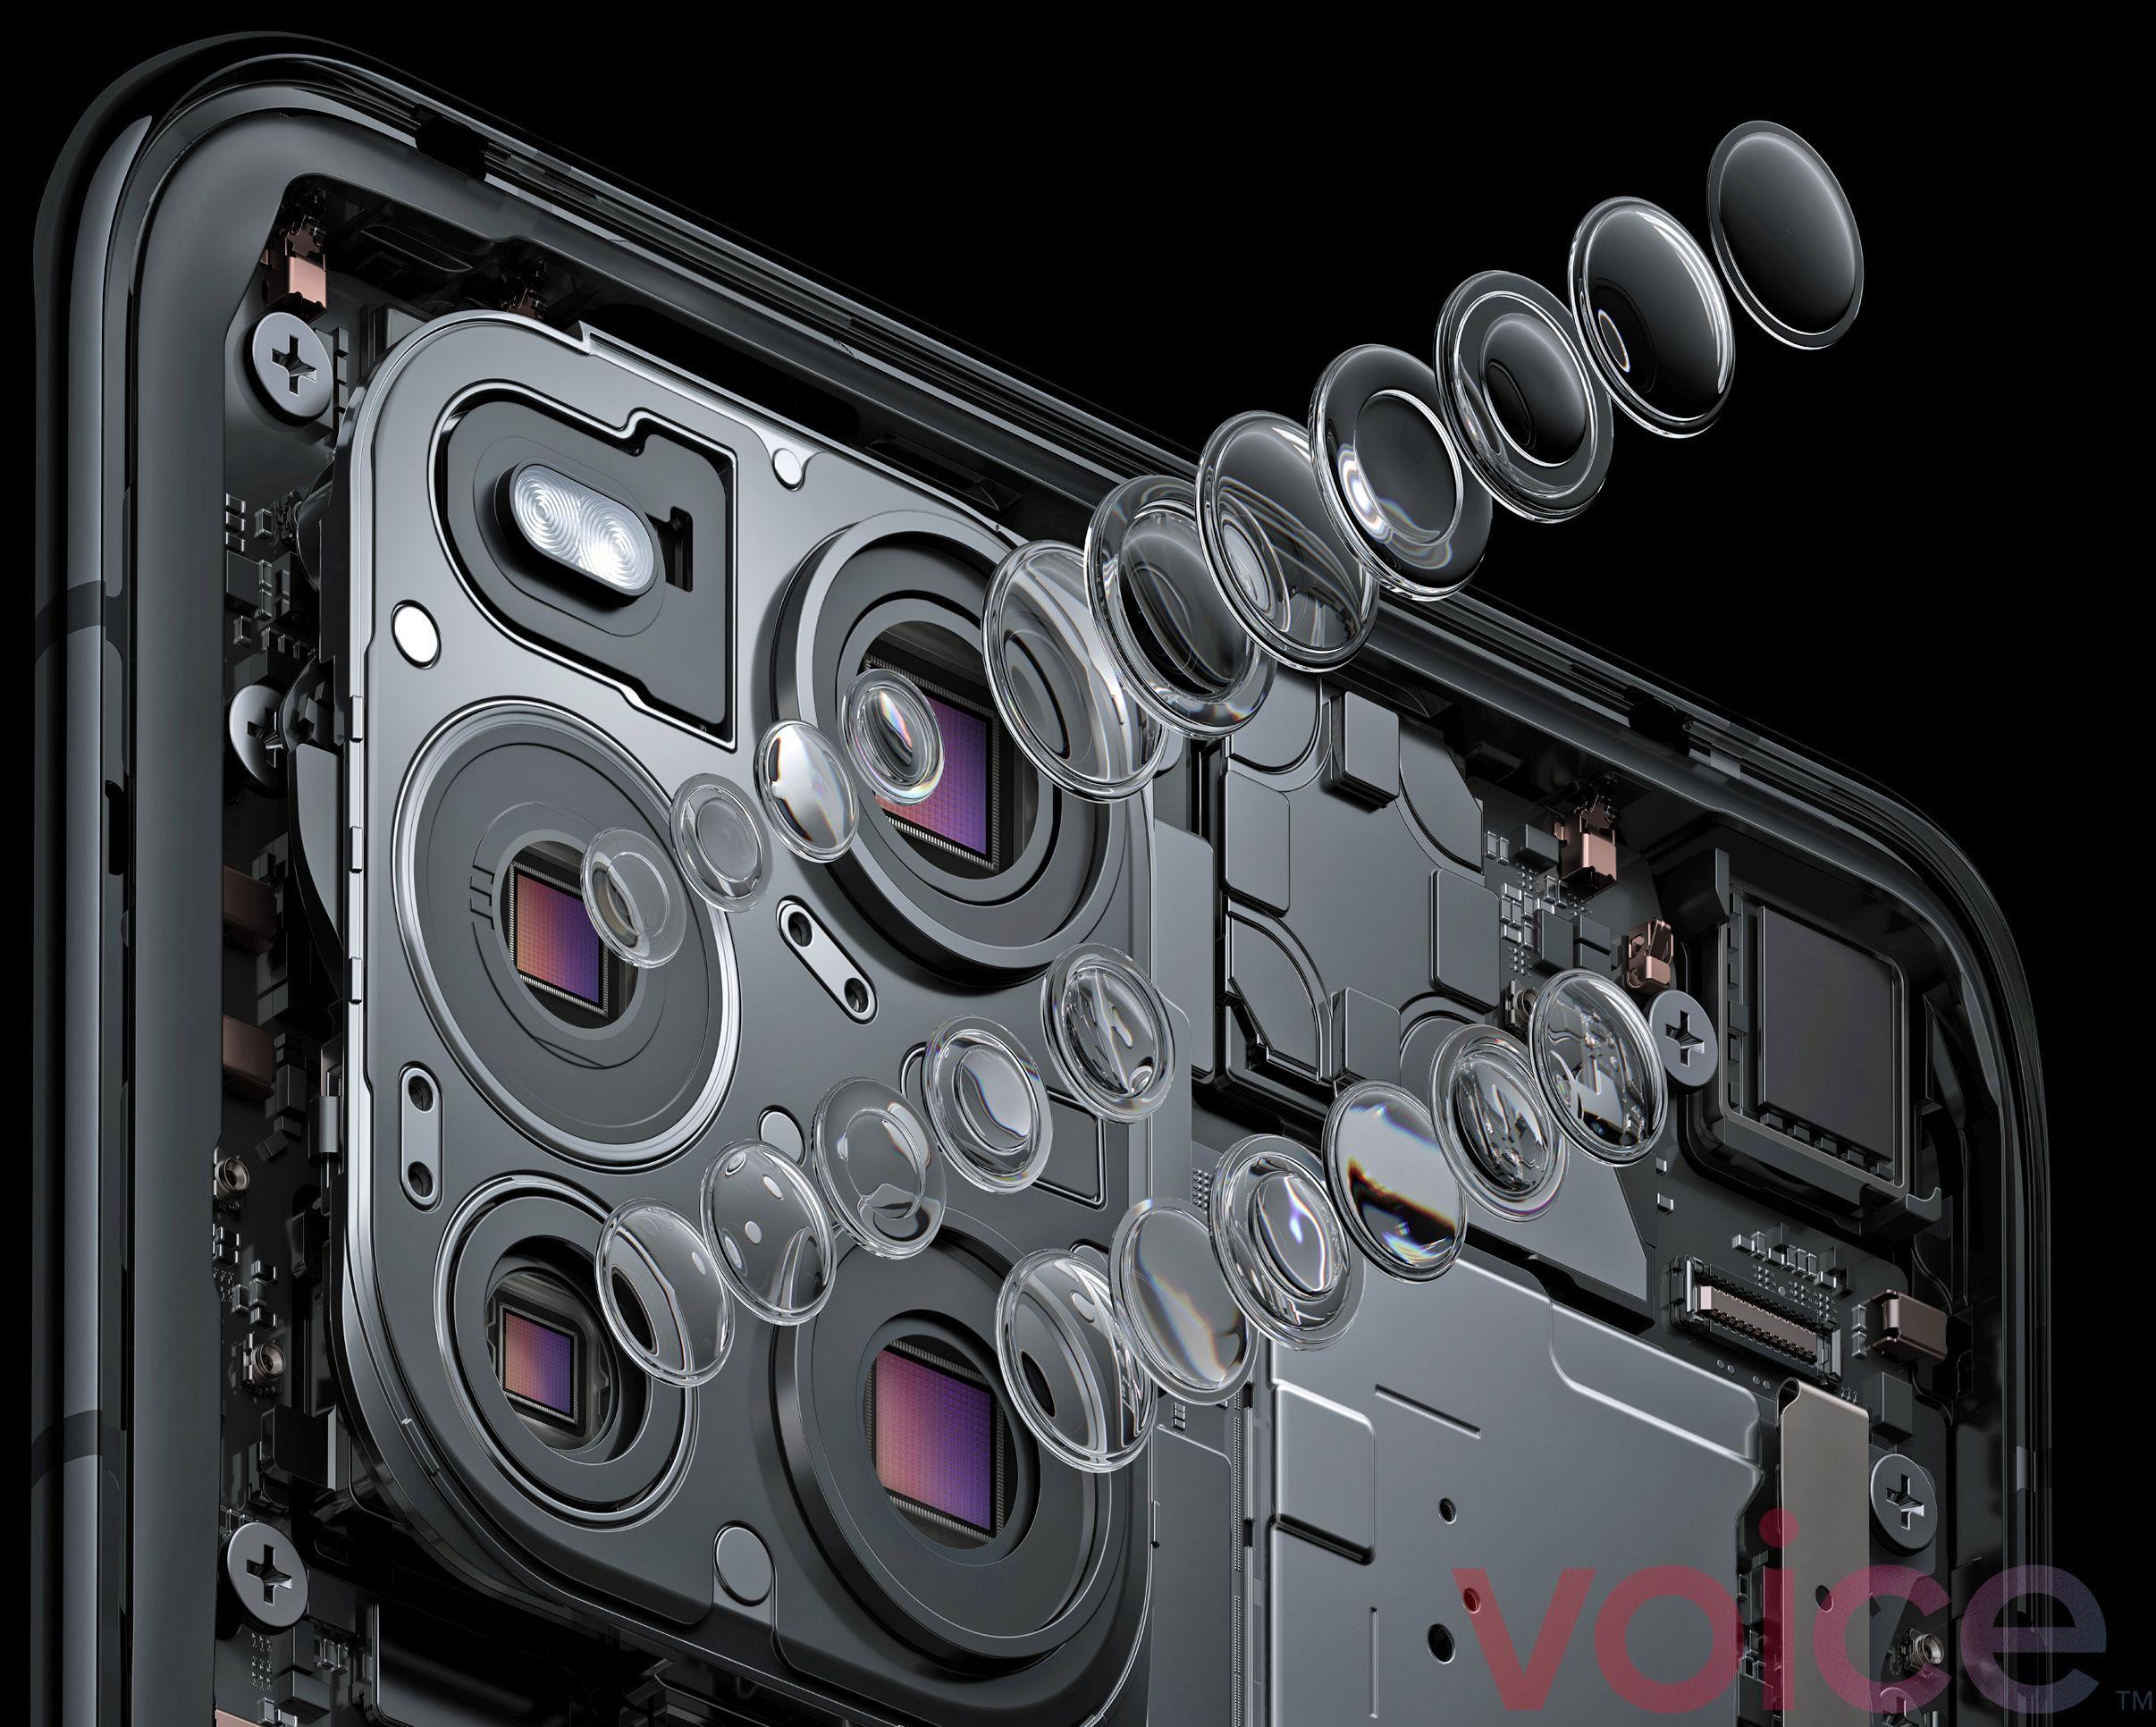 【更新:官宣发布日期】OPPO FIND X3 Pro 官方渲染图曝光,镜头排列疑似撞脸 iPhone 12 Pro,预计 2021 年第一季度发布? 4